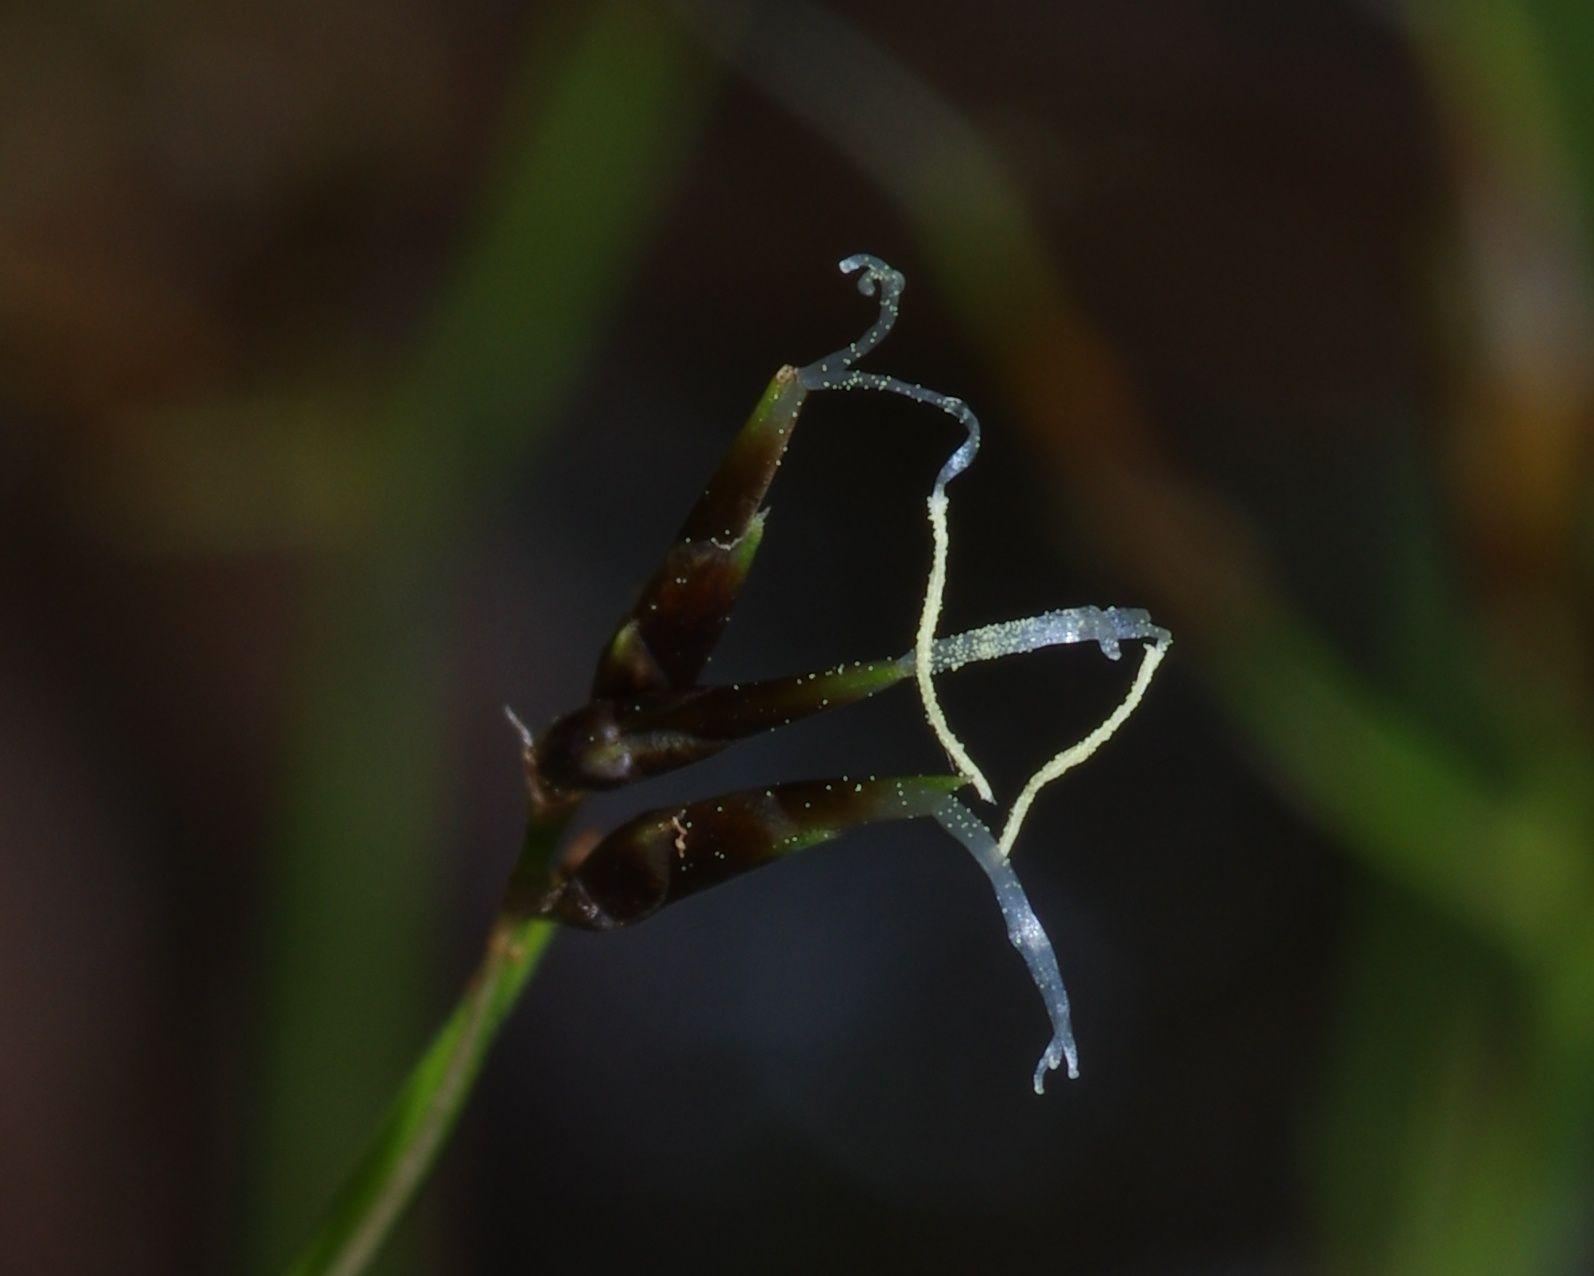 Rhynchospora spruceana ? (à confirmer)